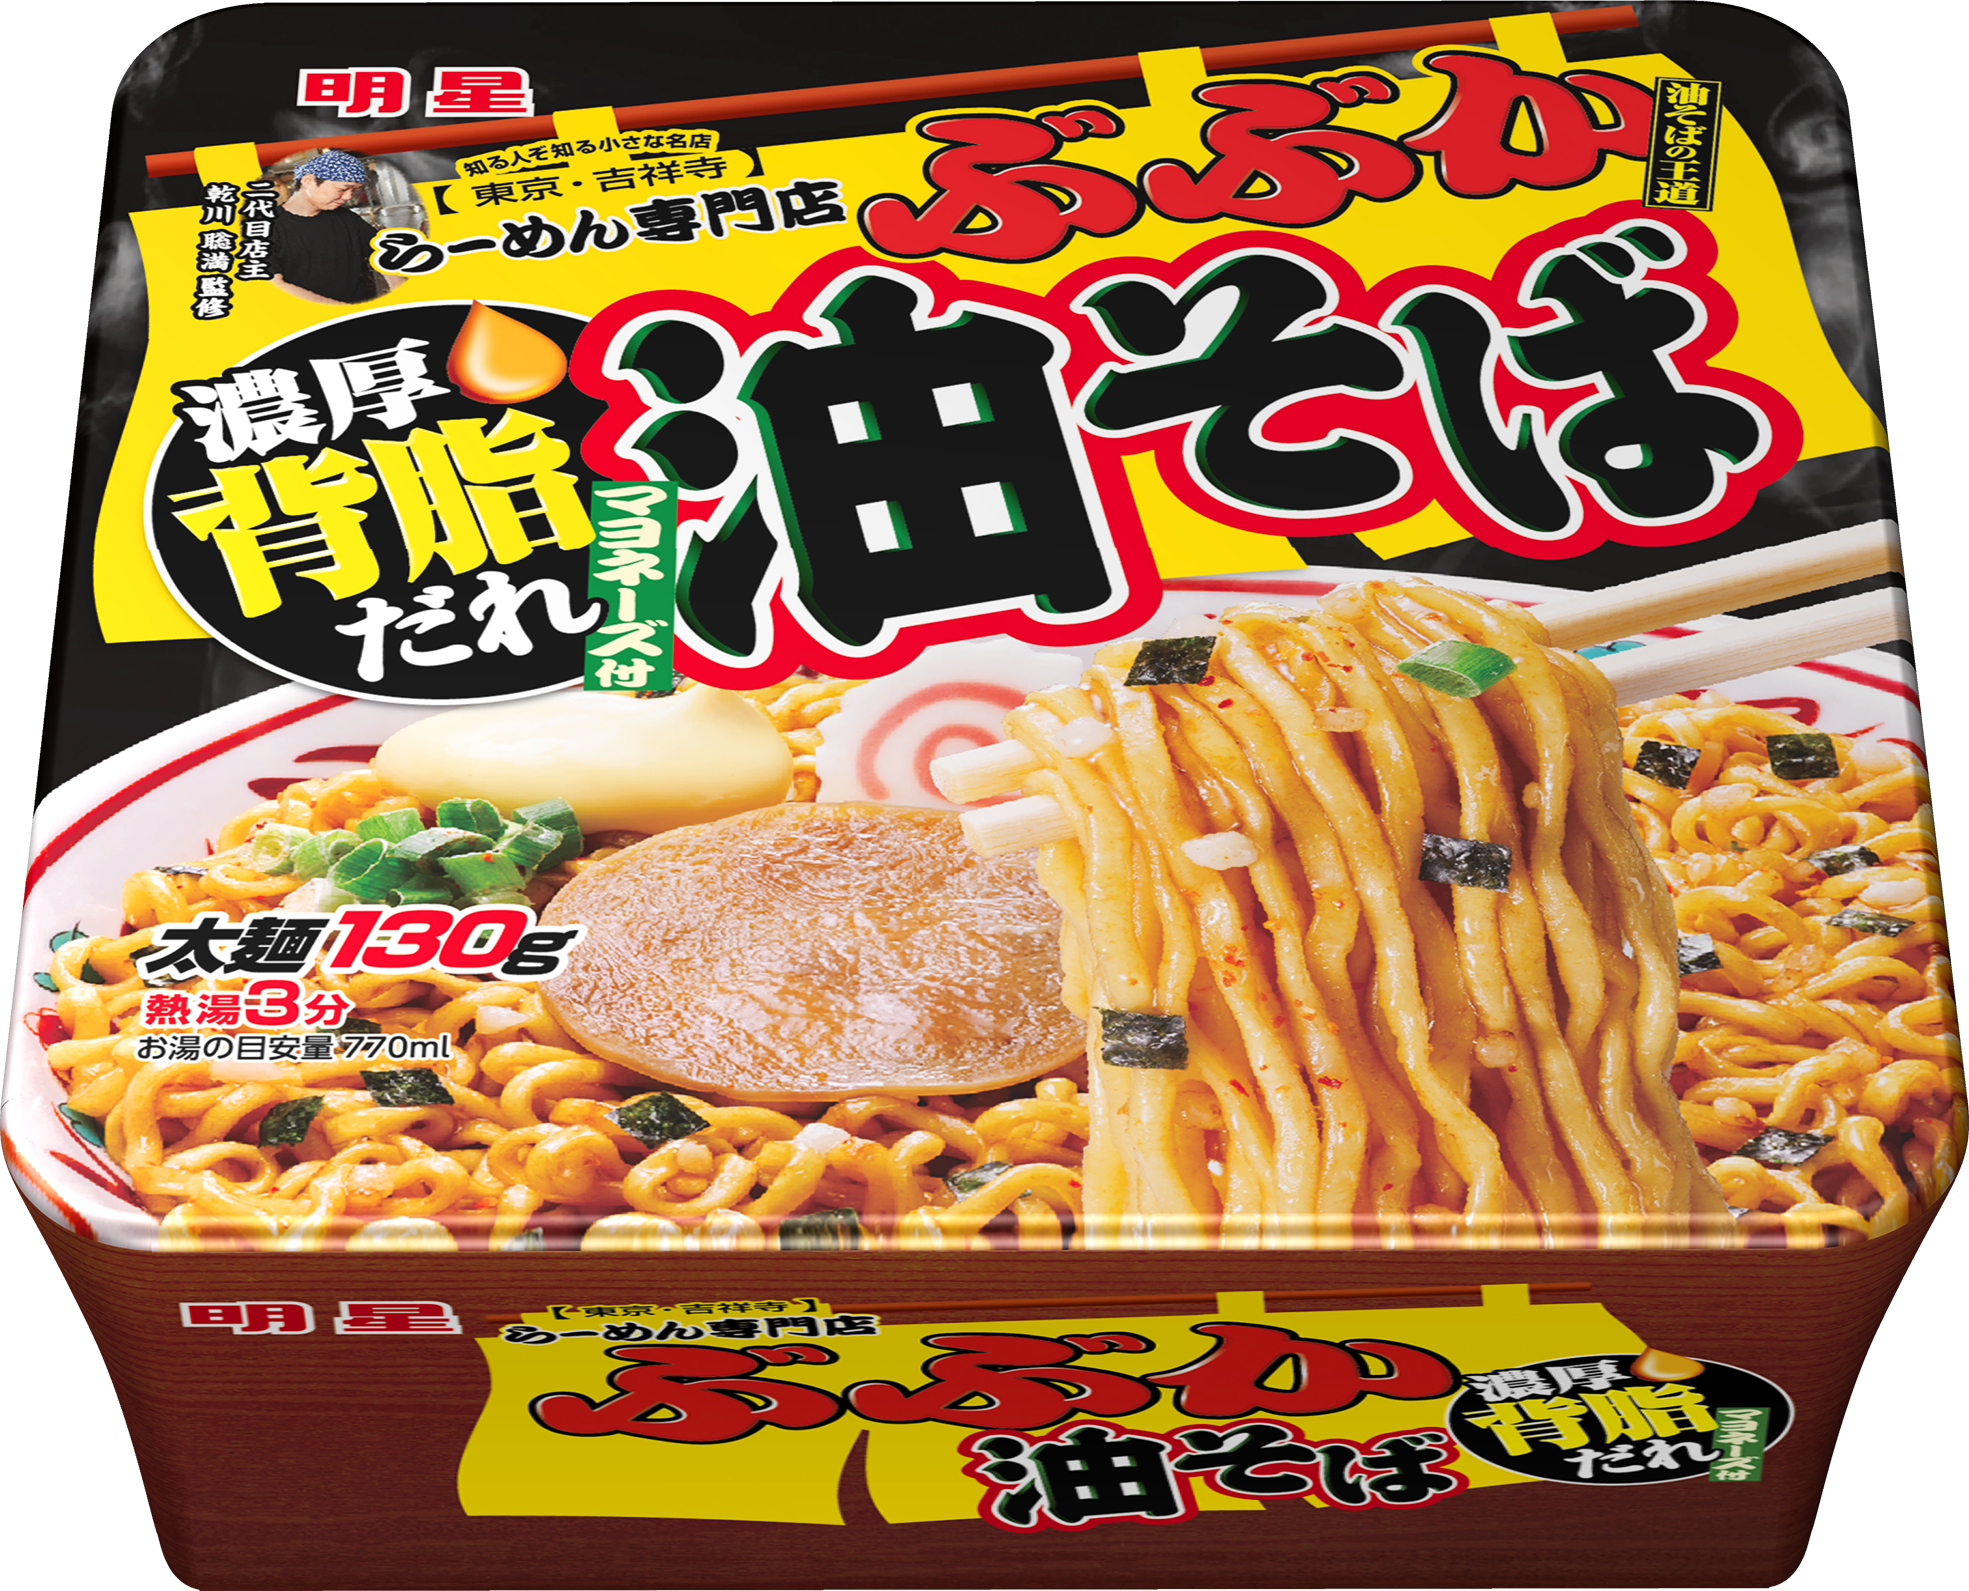 そば ぶぶか 油 東京油組総本店@銀座組|カロリー&塩分控えめの油そばを食レポ!